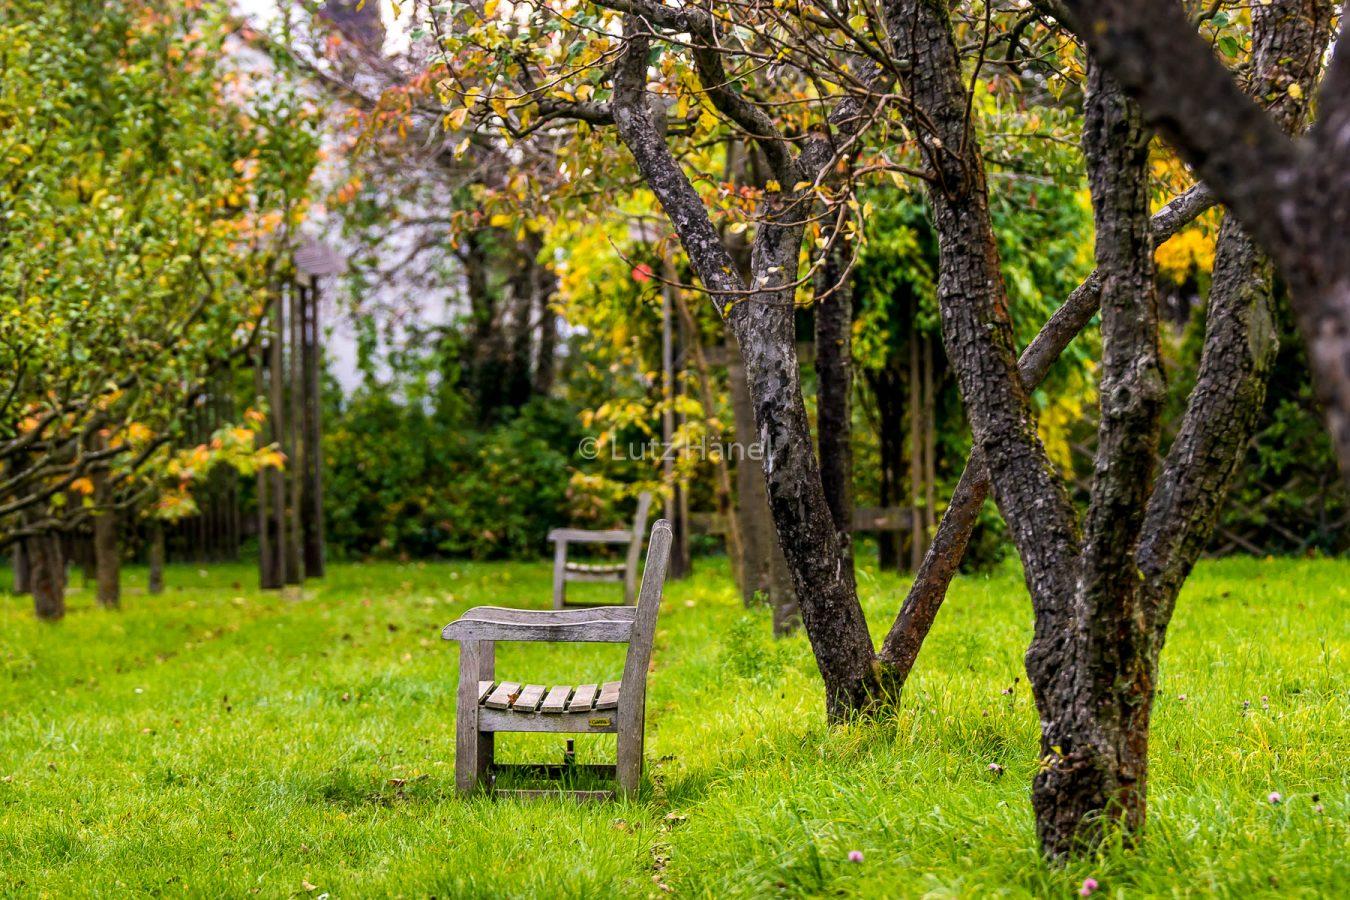 Sitzgelegenheiten lädt ein den Herbst zu geniessen